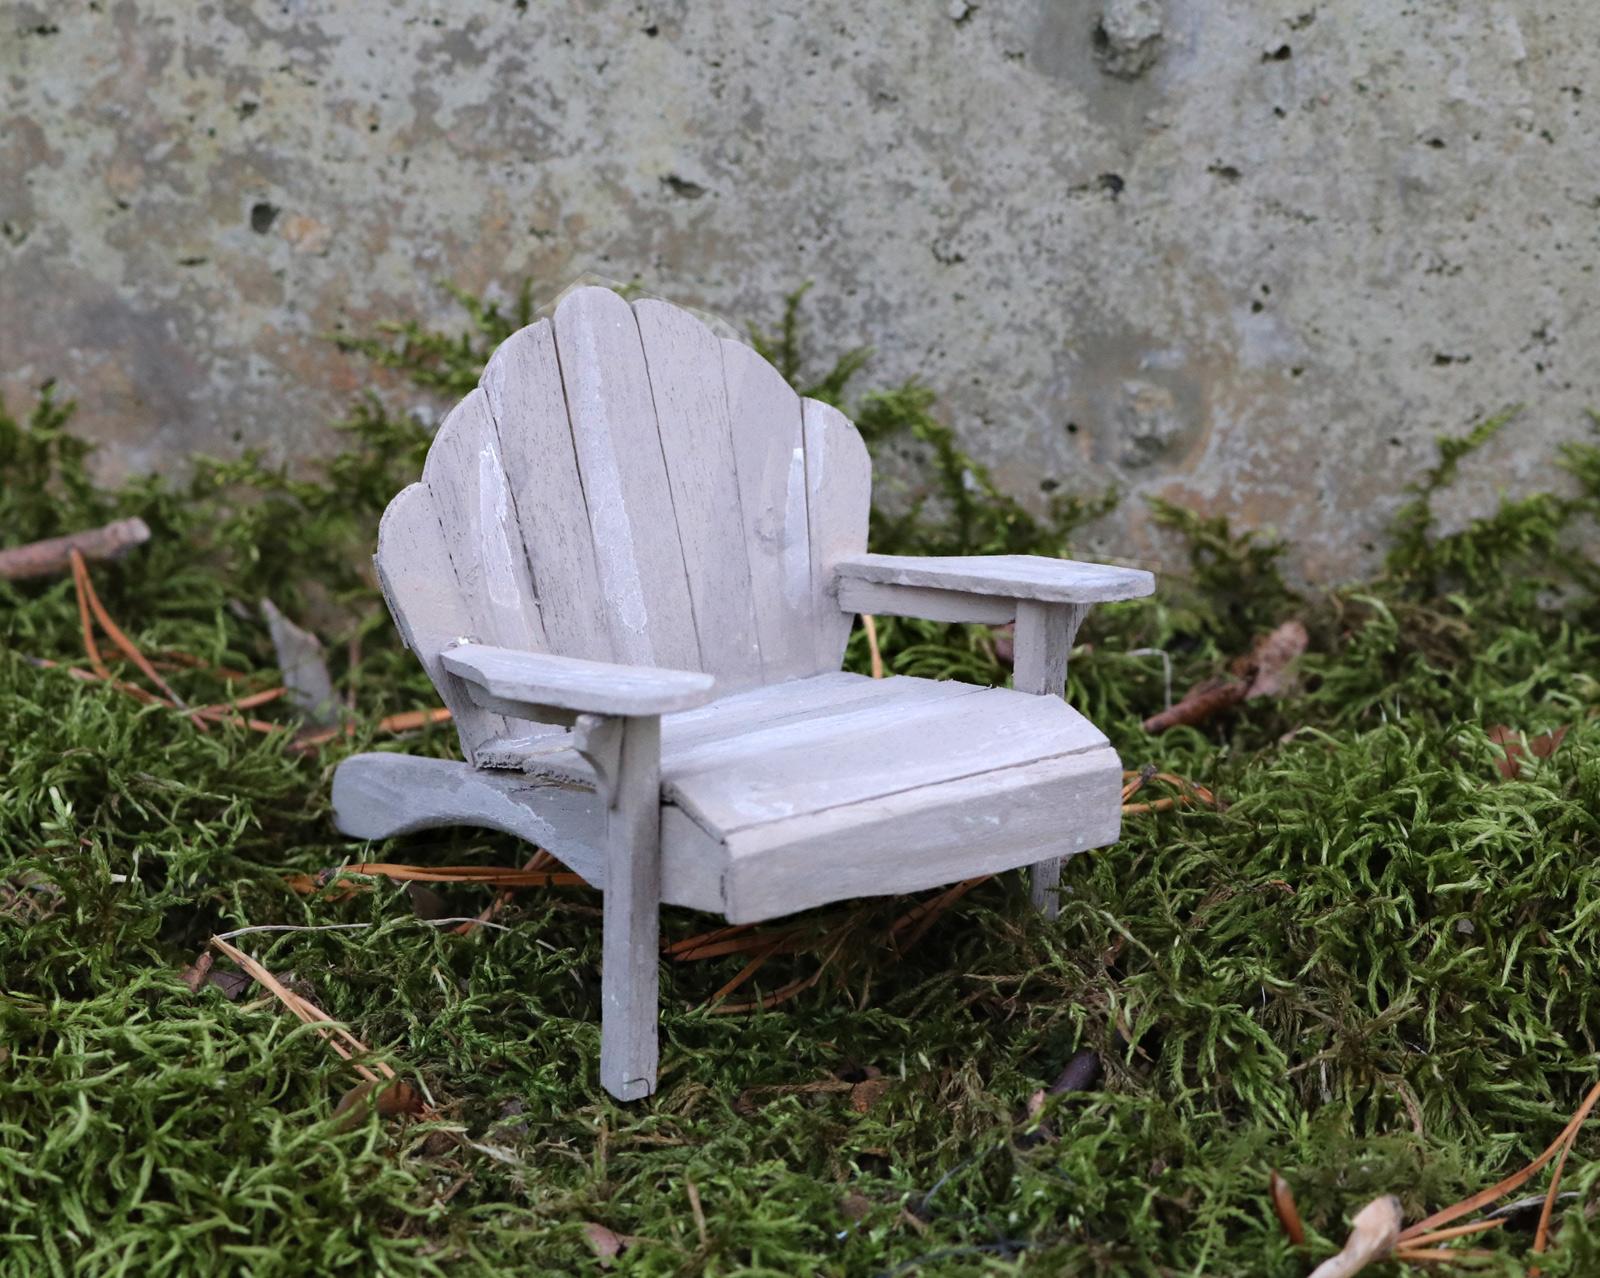 Miniature Adirondack Chair Garden Artisans Llc